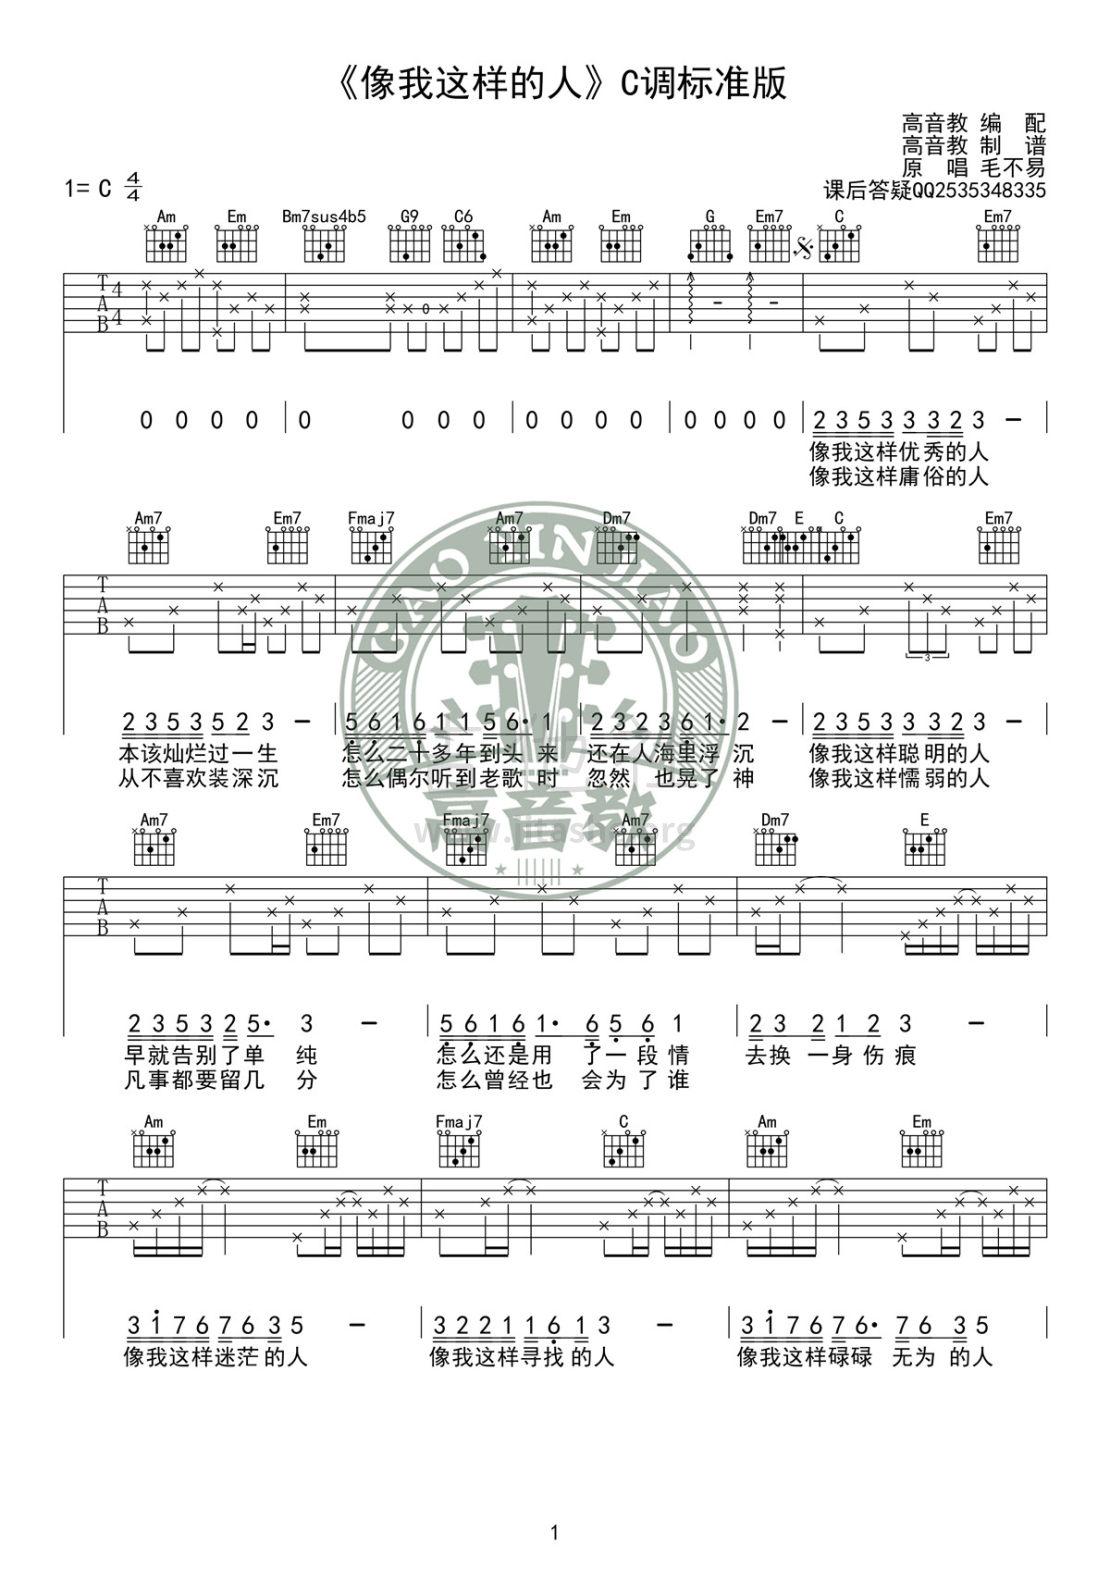 像我这样的人(高音教编配)吉他谱(图片谱,C调,标准版,弹唱)_毛不易_《像我这样的人》C调标准版01.jpg